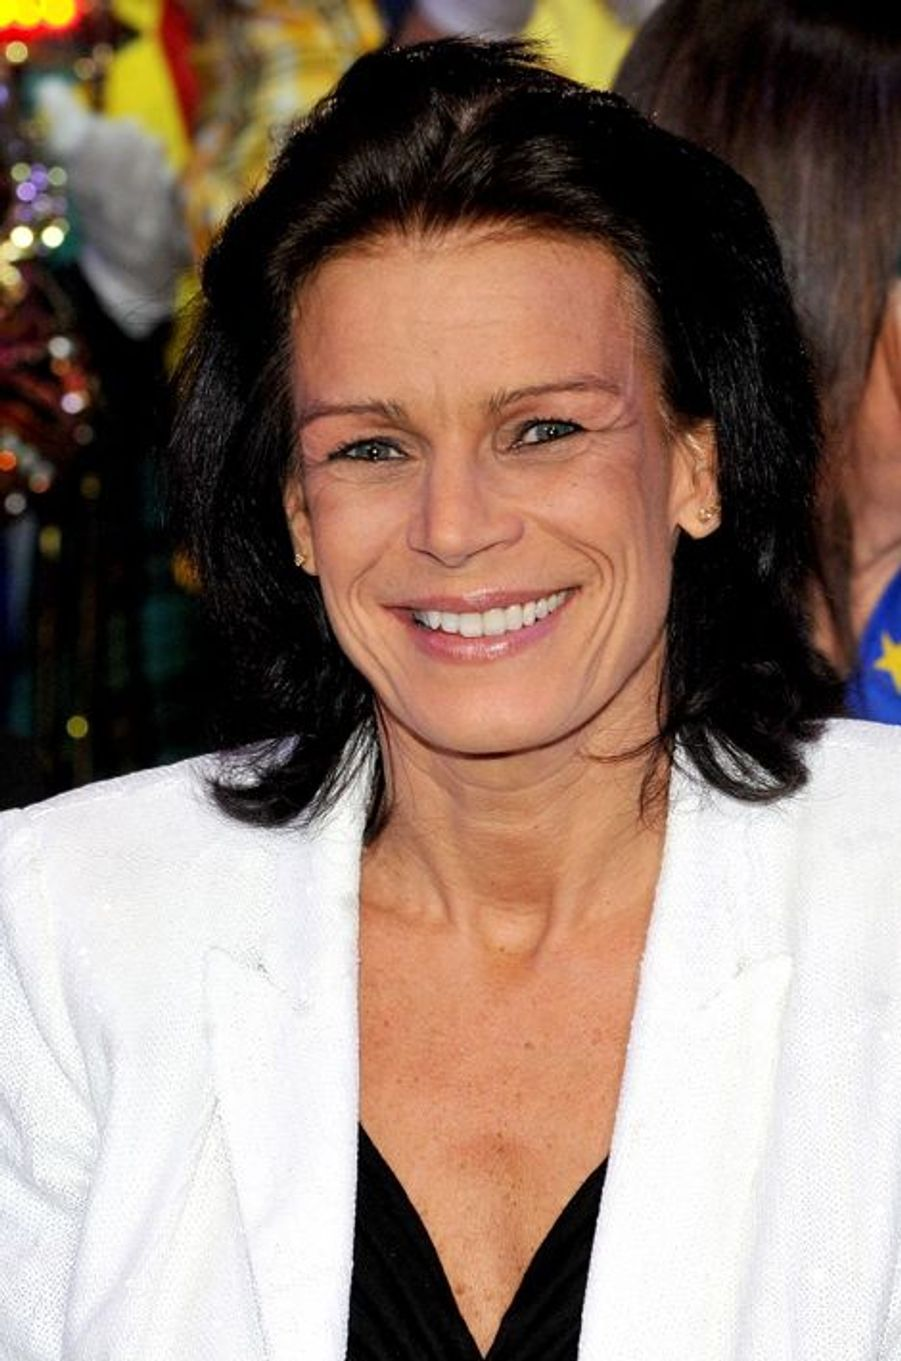 La princesse Stéphanie de Monaco le 22 janvier 2011